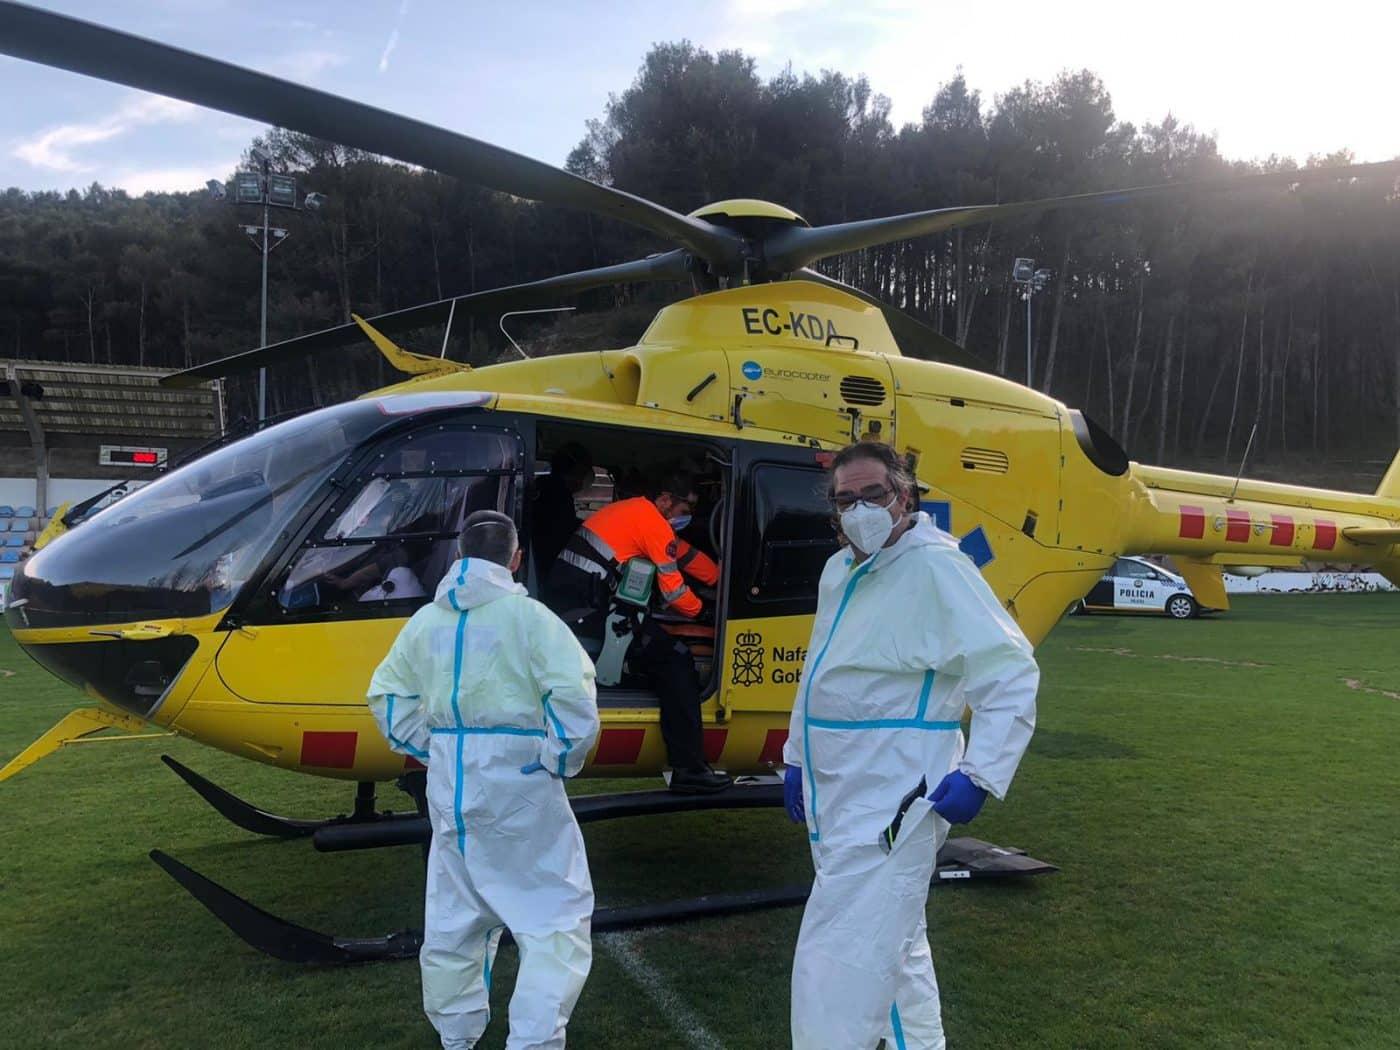 Un helicóptero medicalizado aterriza en La Salera para realizar el traslado urgente de un paciente 1